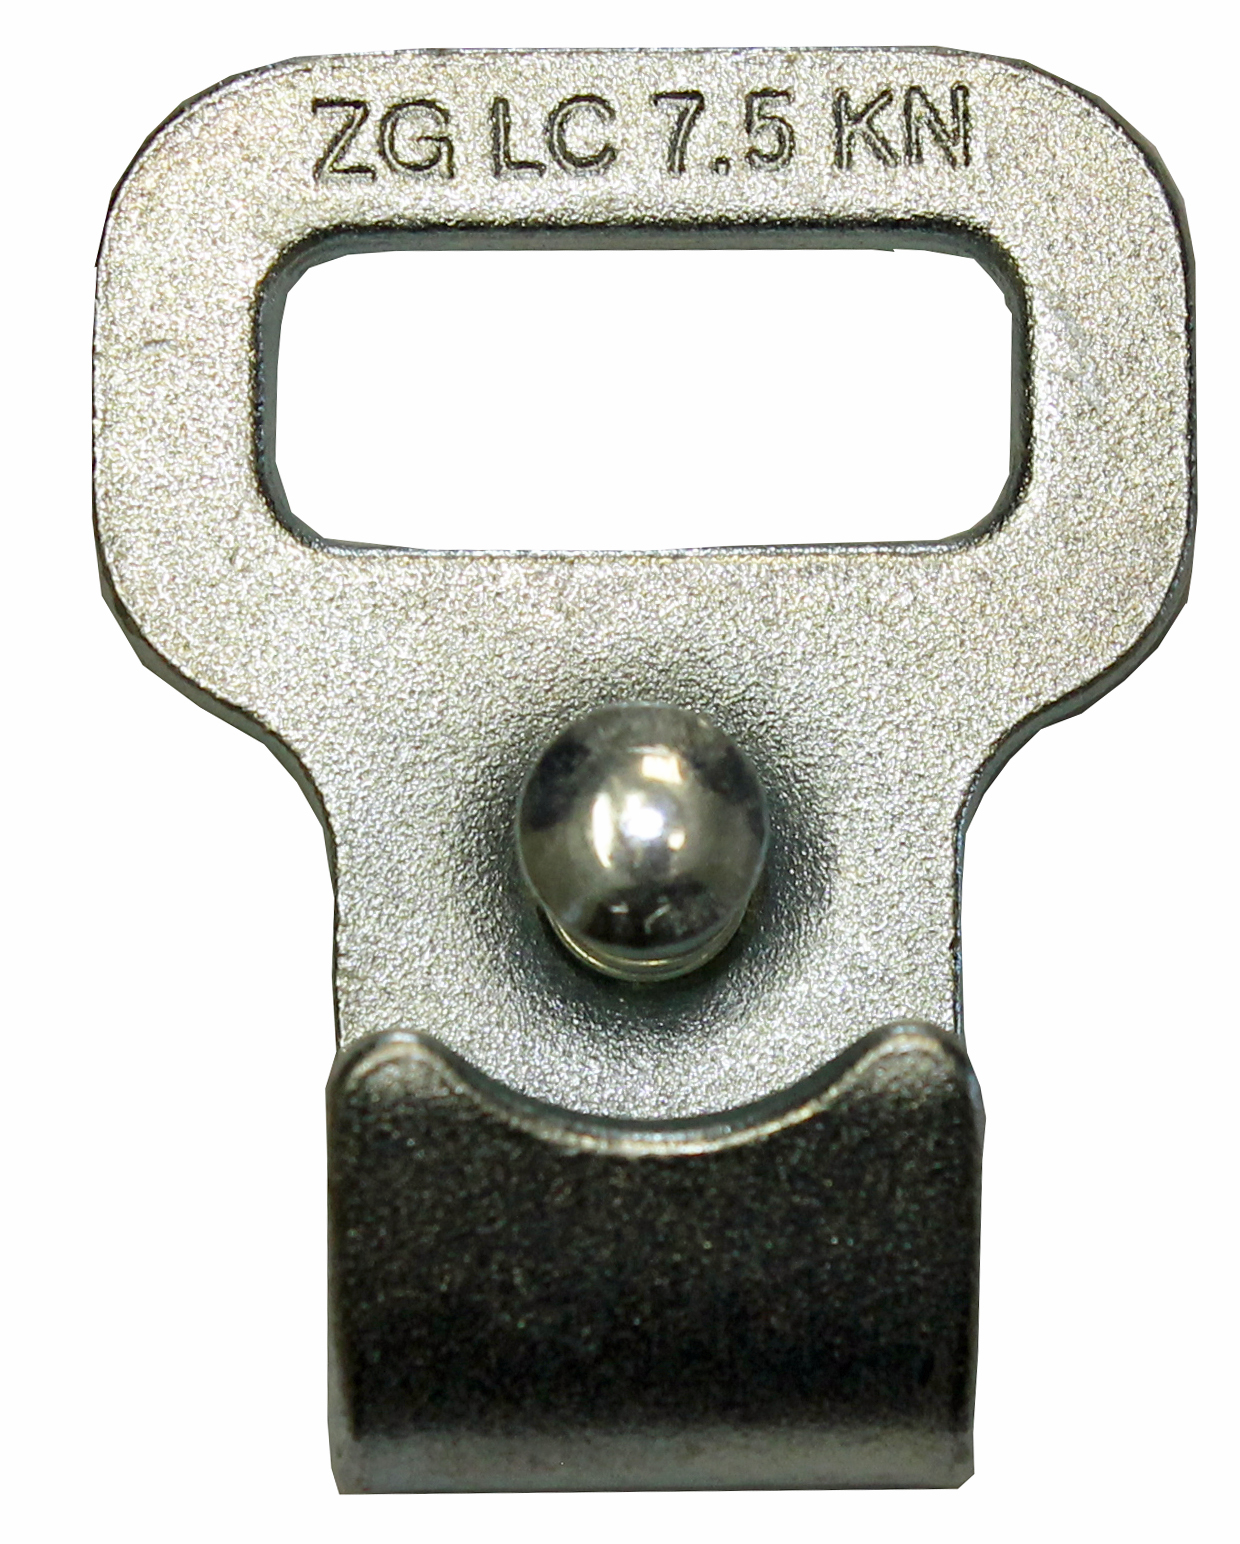 Flachhaken mit Sicherung 25 mm